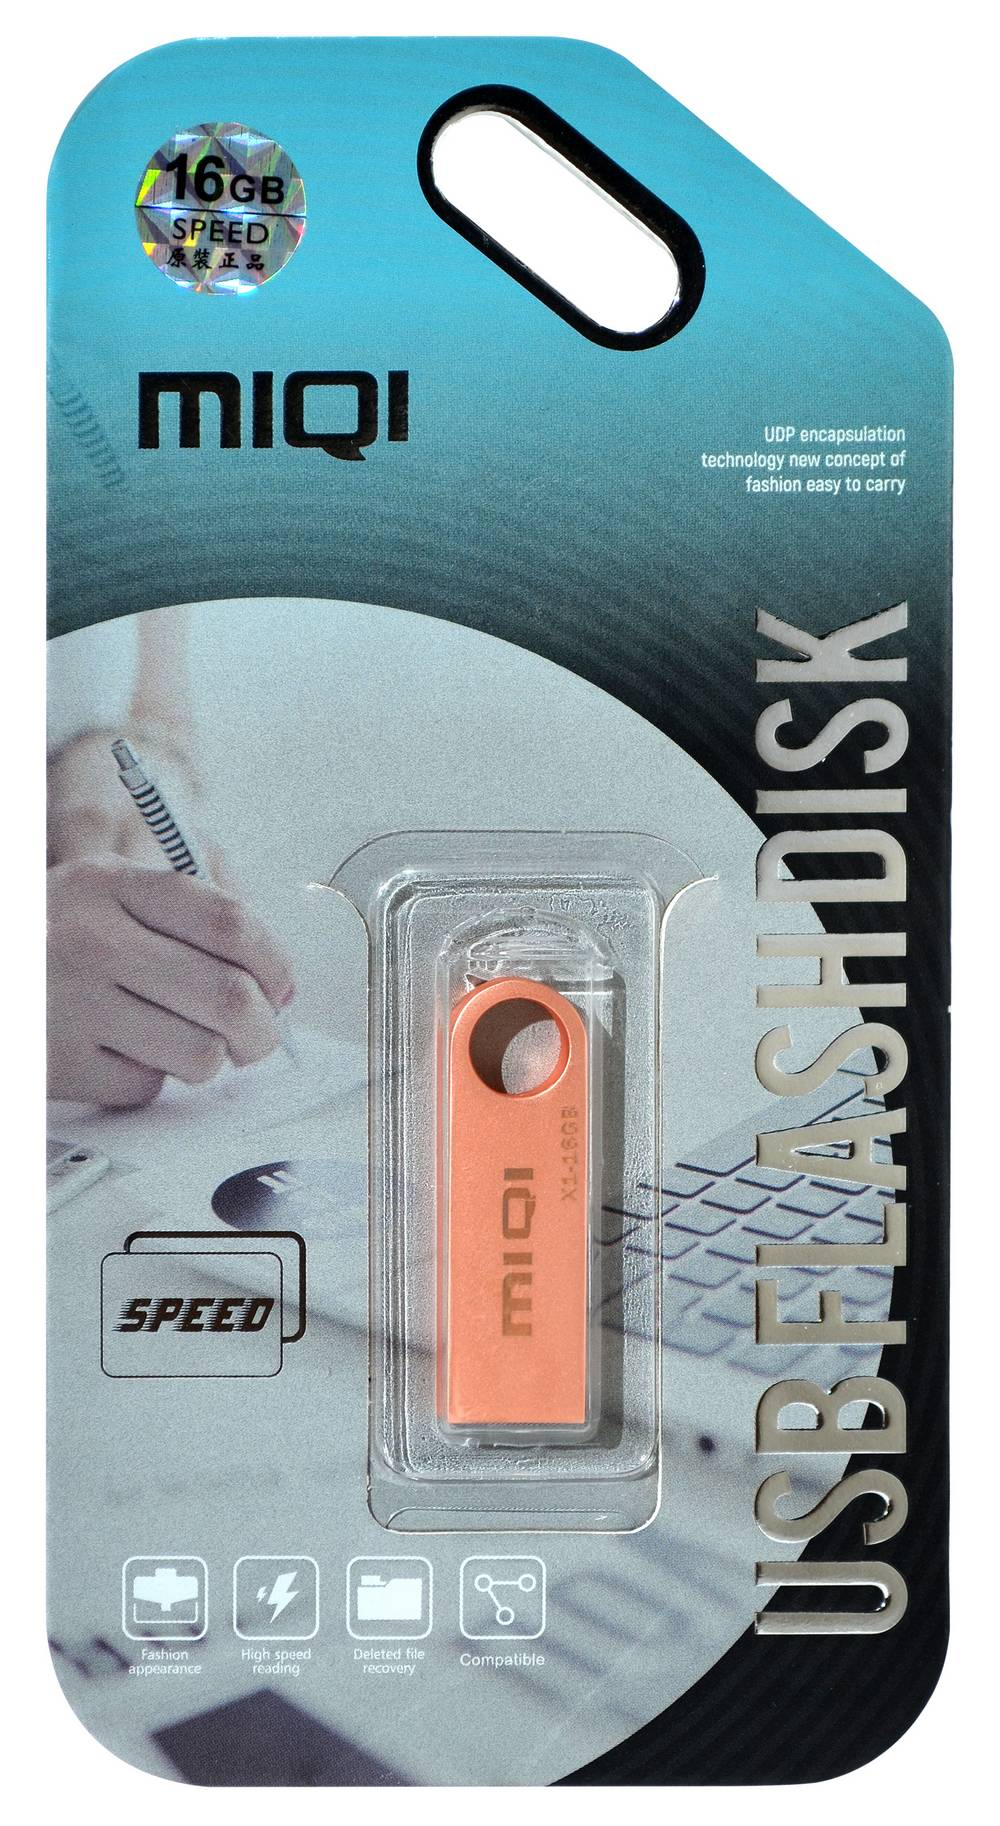 USB 2.0 MIQI Flash Drive X1 16GB Χρυσαφί Ρόζ Metal